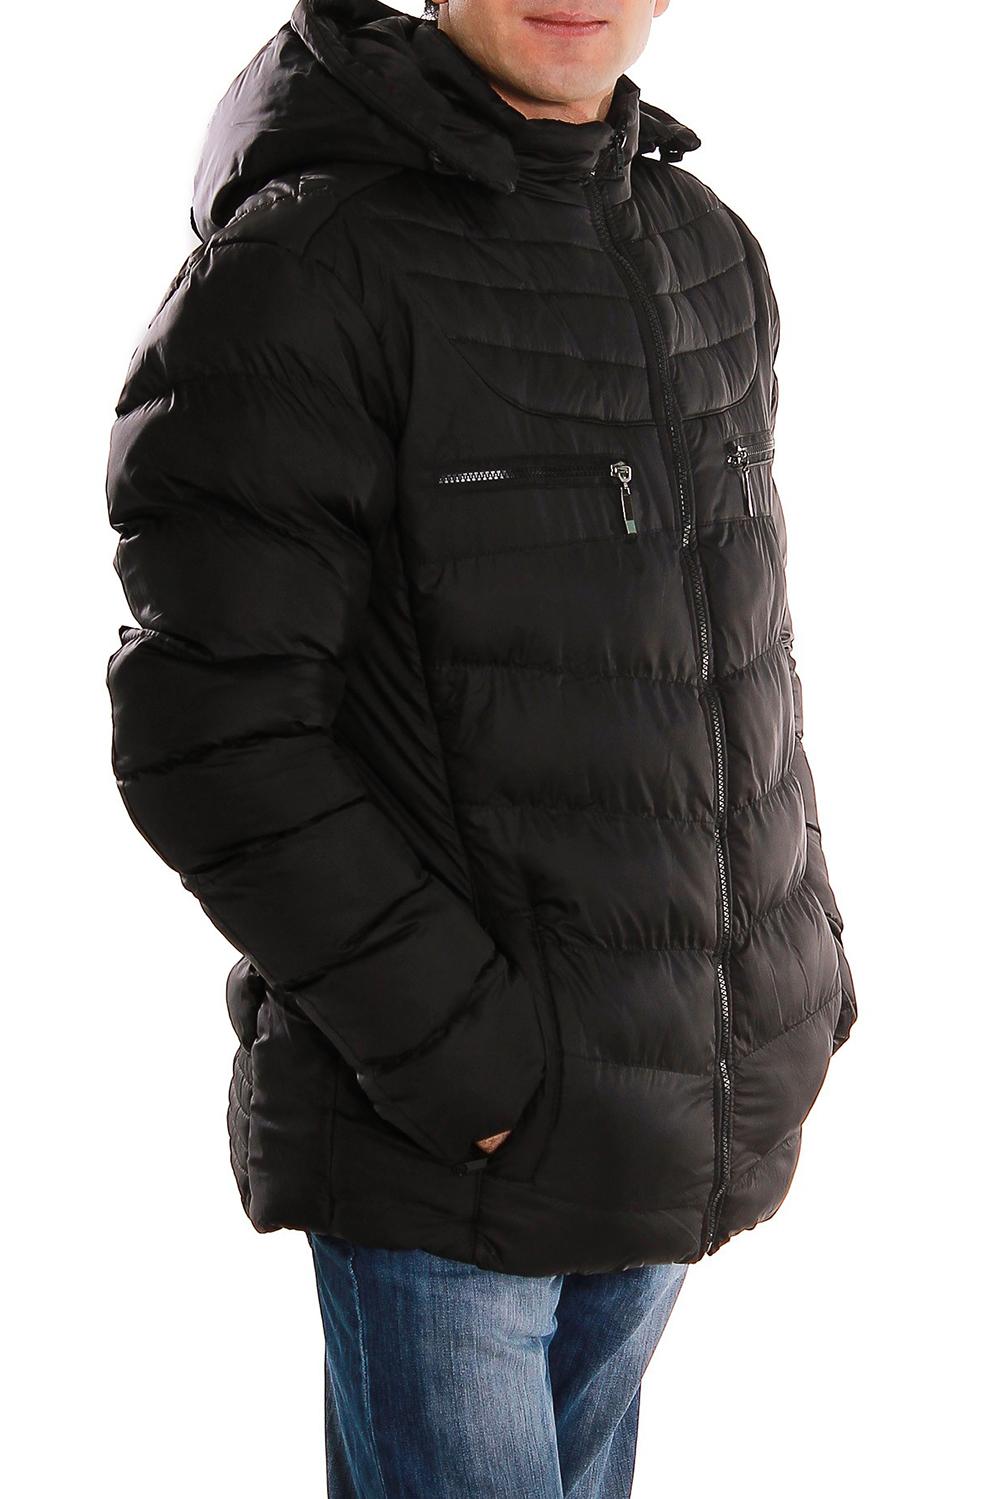 КурткаКуртки<br>Мужская утепленная куртка.<br><br>Размер : 56<br>Материал: Болонья<br>Количество в наличии: 1